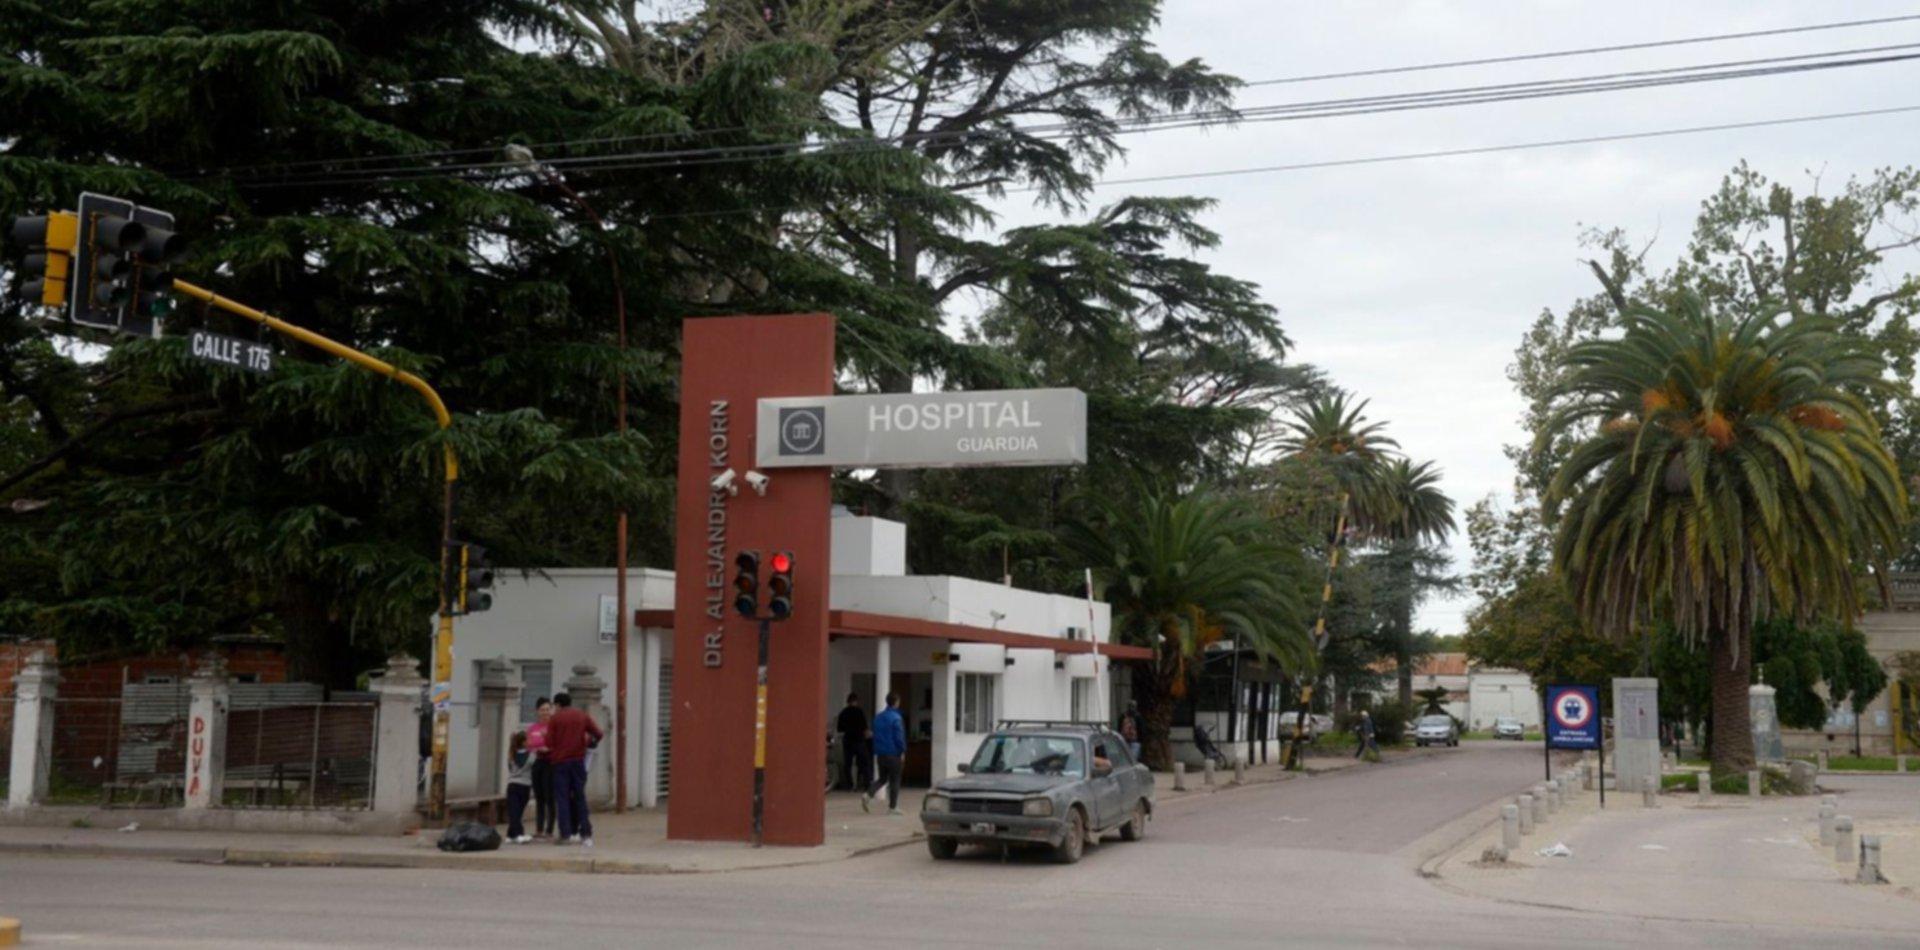 Violencia extrema en La Plata: dos personas fueron baleadas y terminaron en el hospital